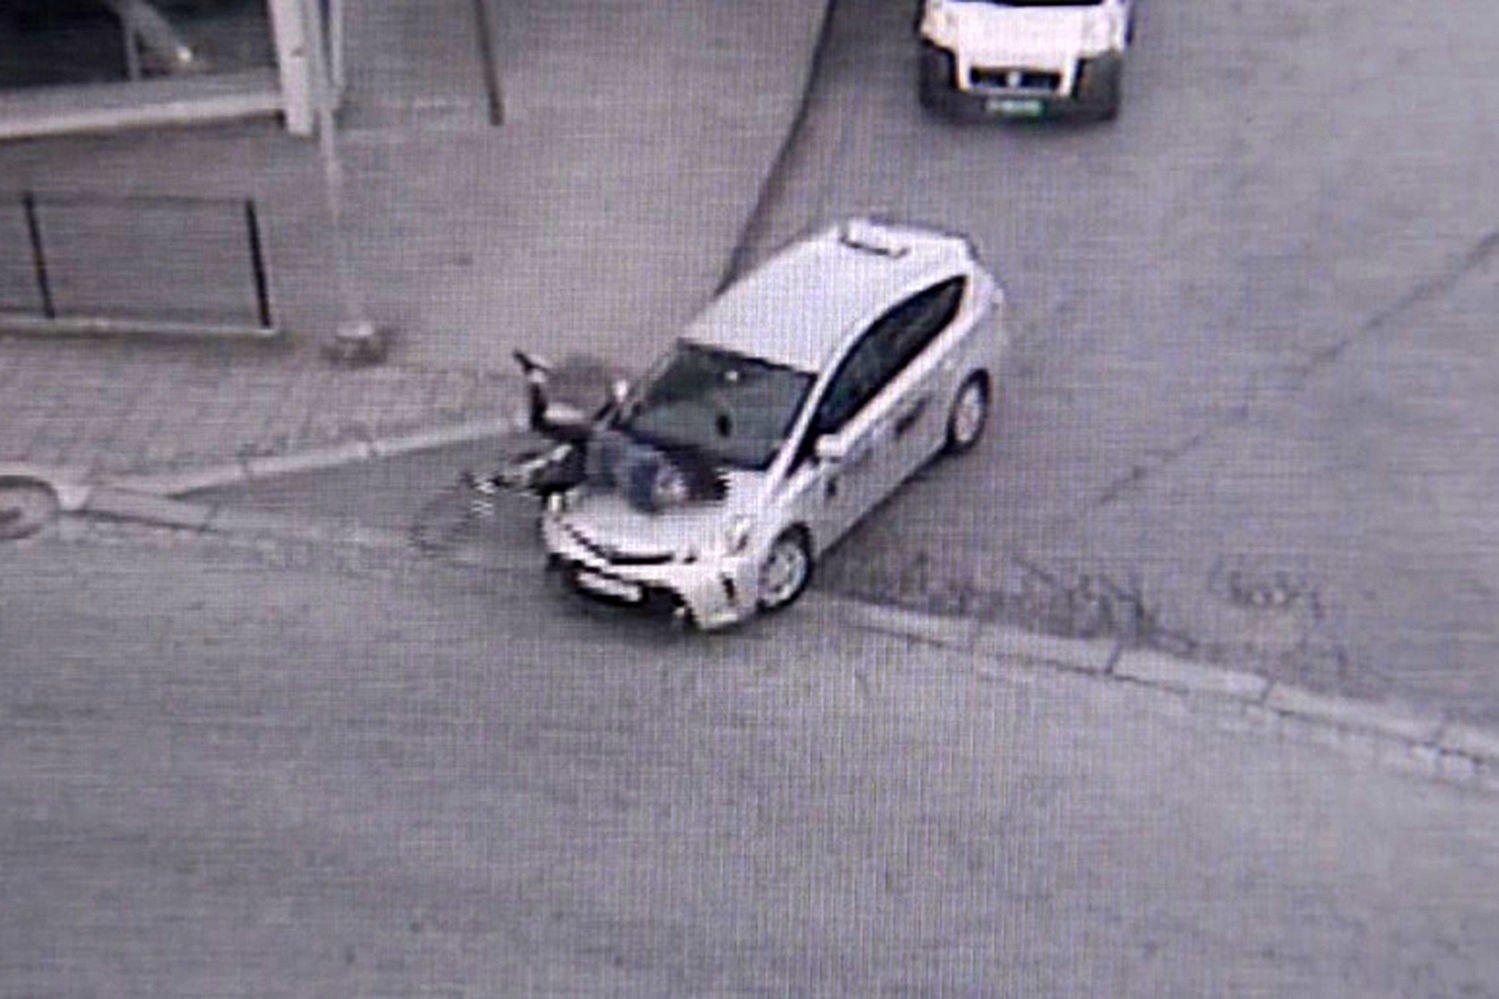 SMÅ MARGINER: - Det er så små marginer. Hadde det kommet en bil i mot, eller om syklisten hadde landet annerledes, kunne det gått mye verre, sier politiet.